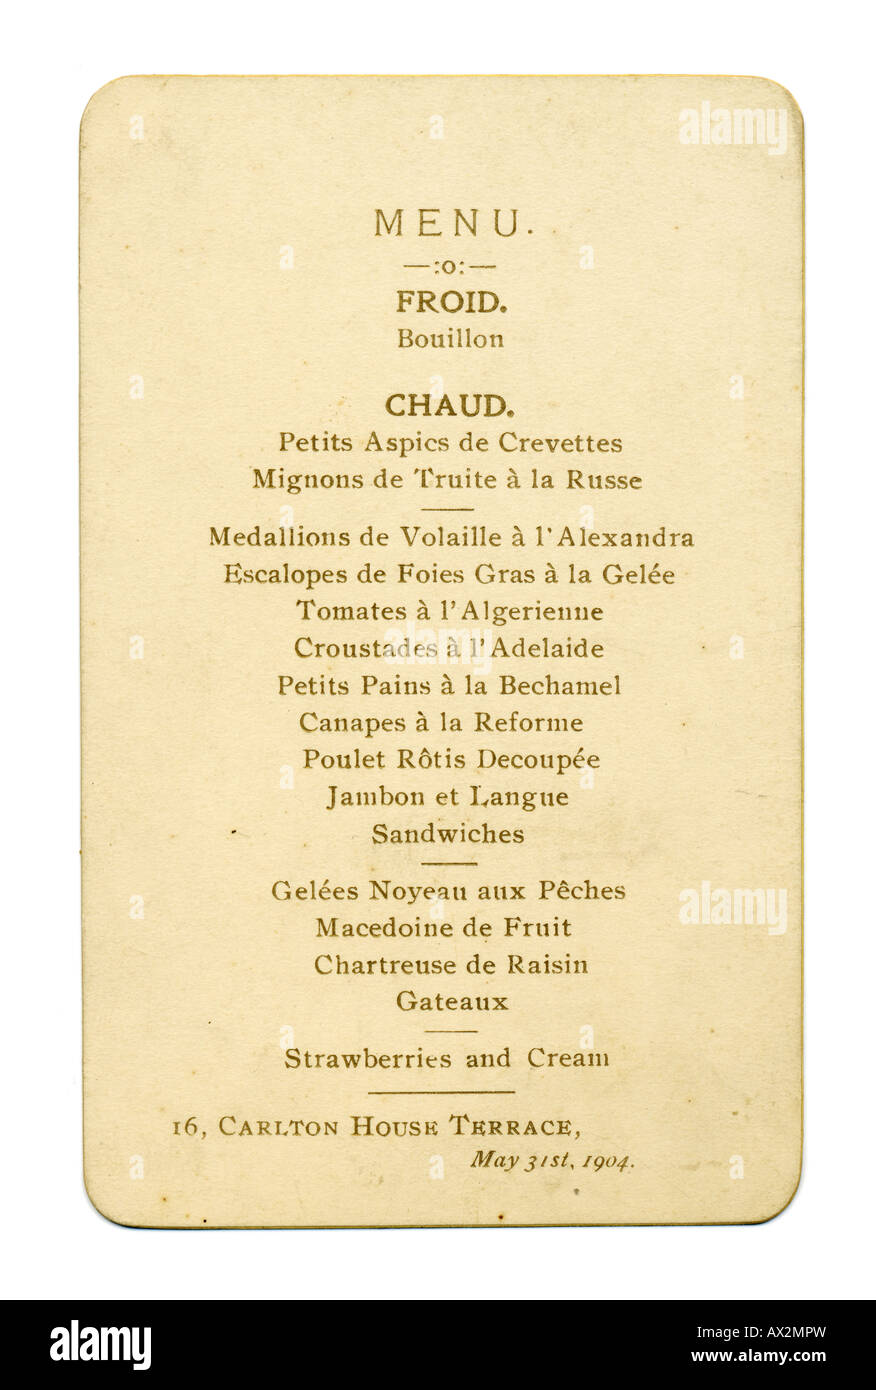 1900 Edwardian Menú Cena el 31 de mayo de 1904 Imagen De Stock